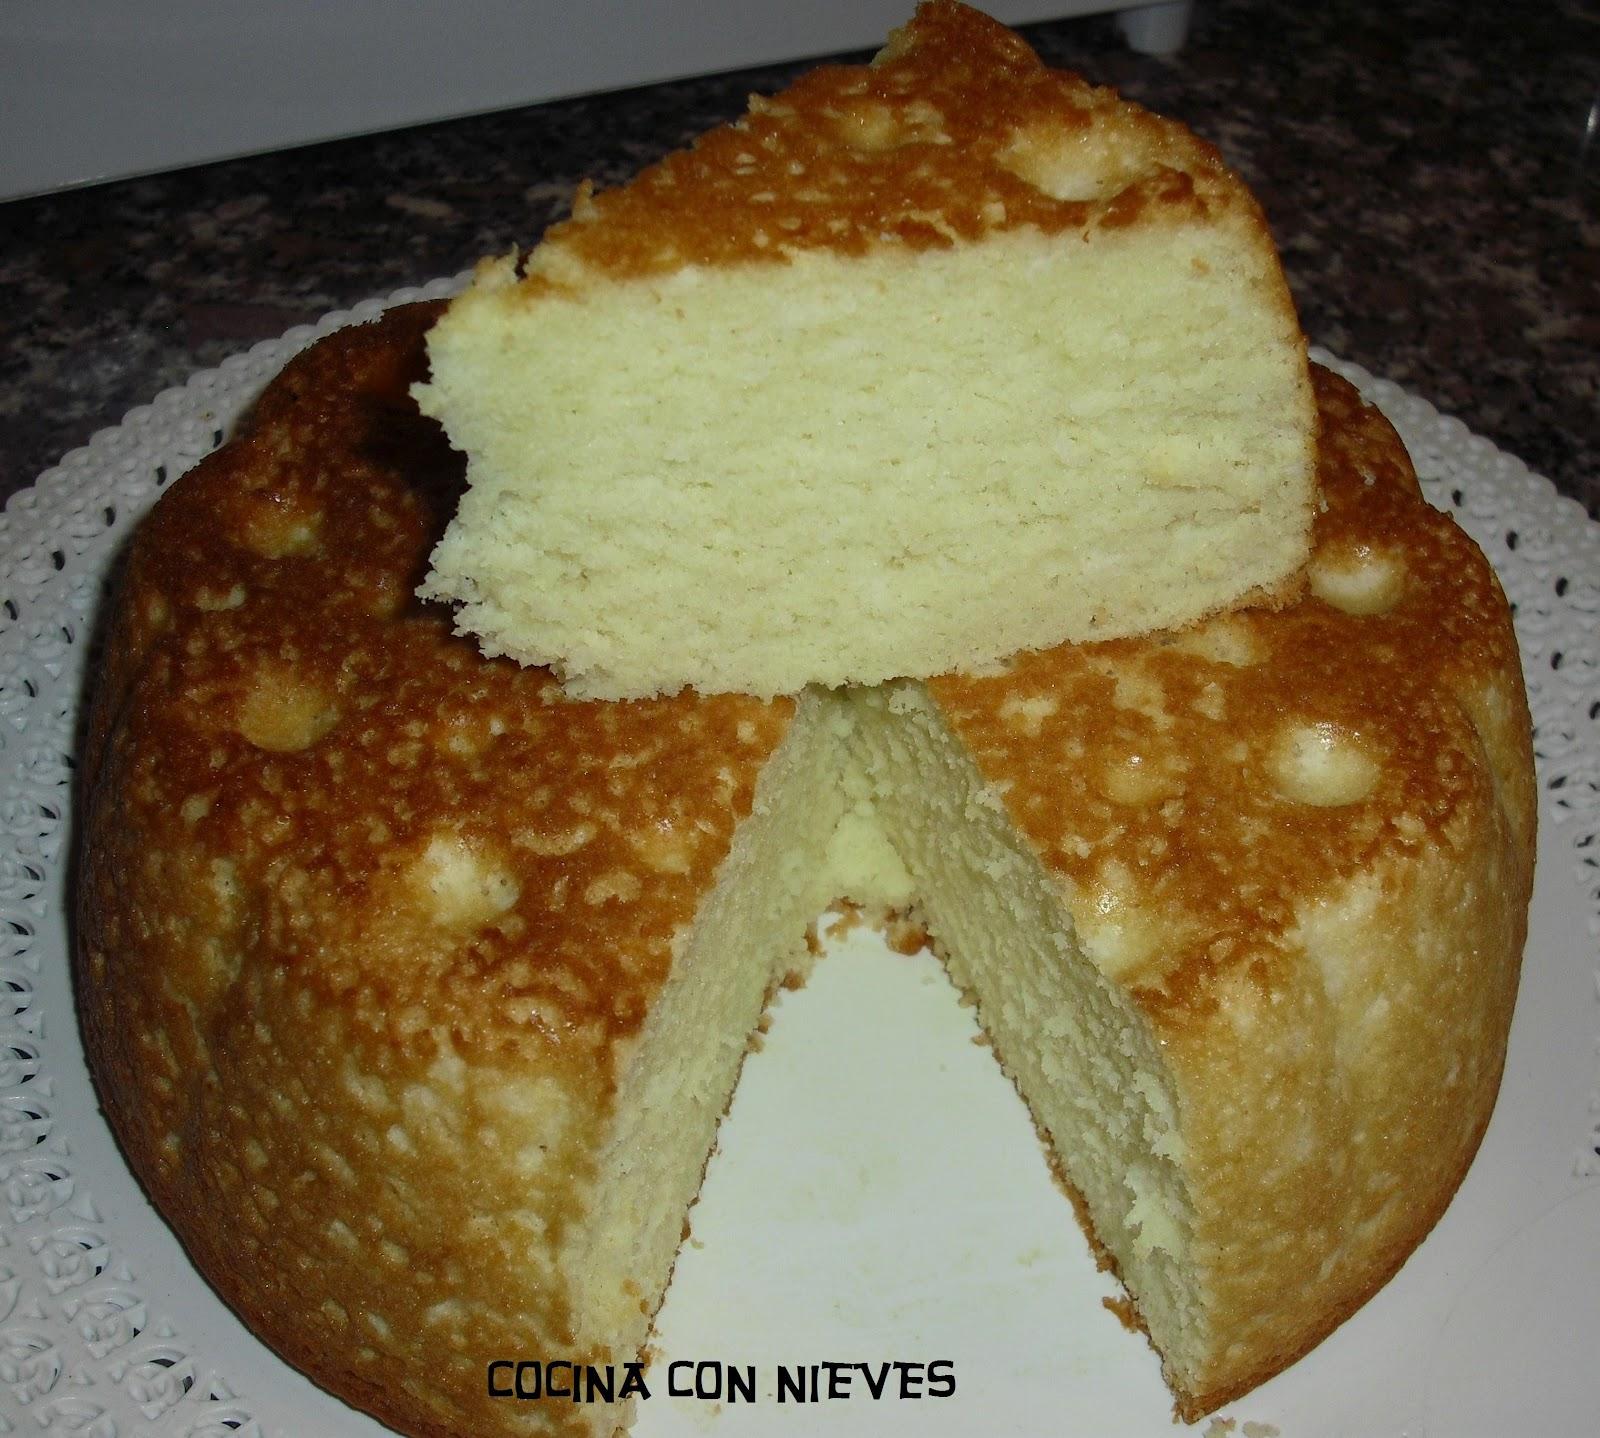 Cocina con nieves bizcocho de claras y nata for Cocina con sergio bizcocho